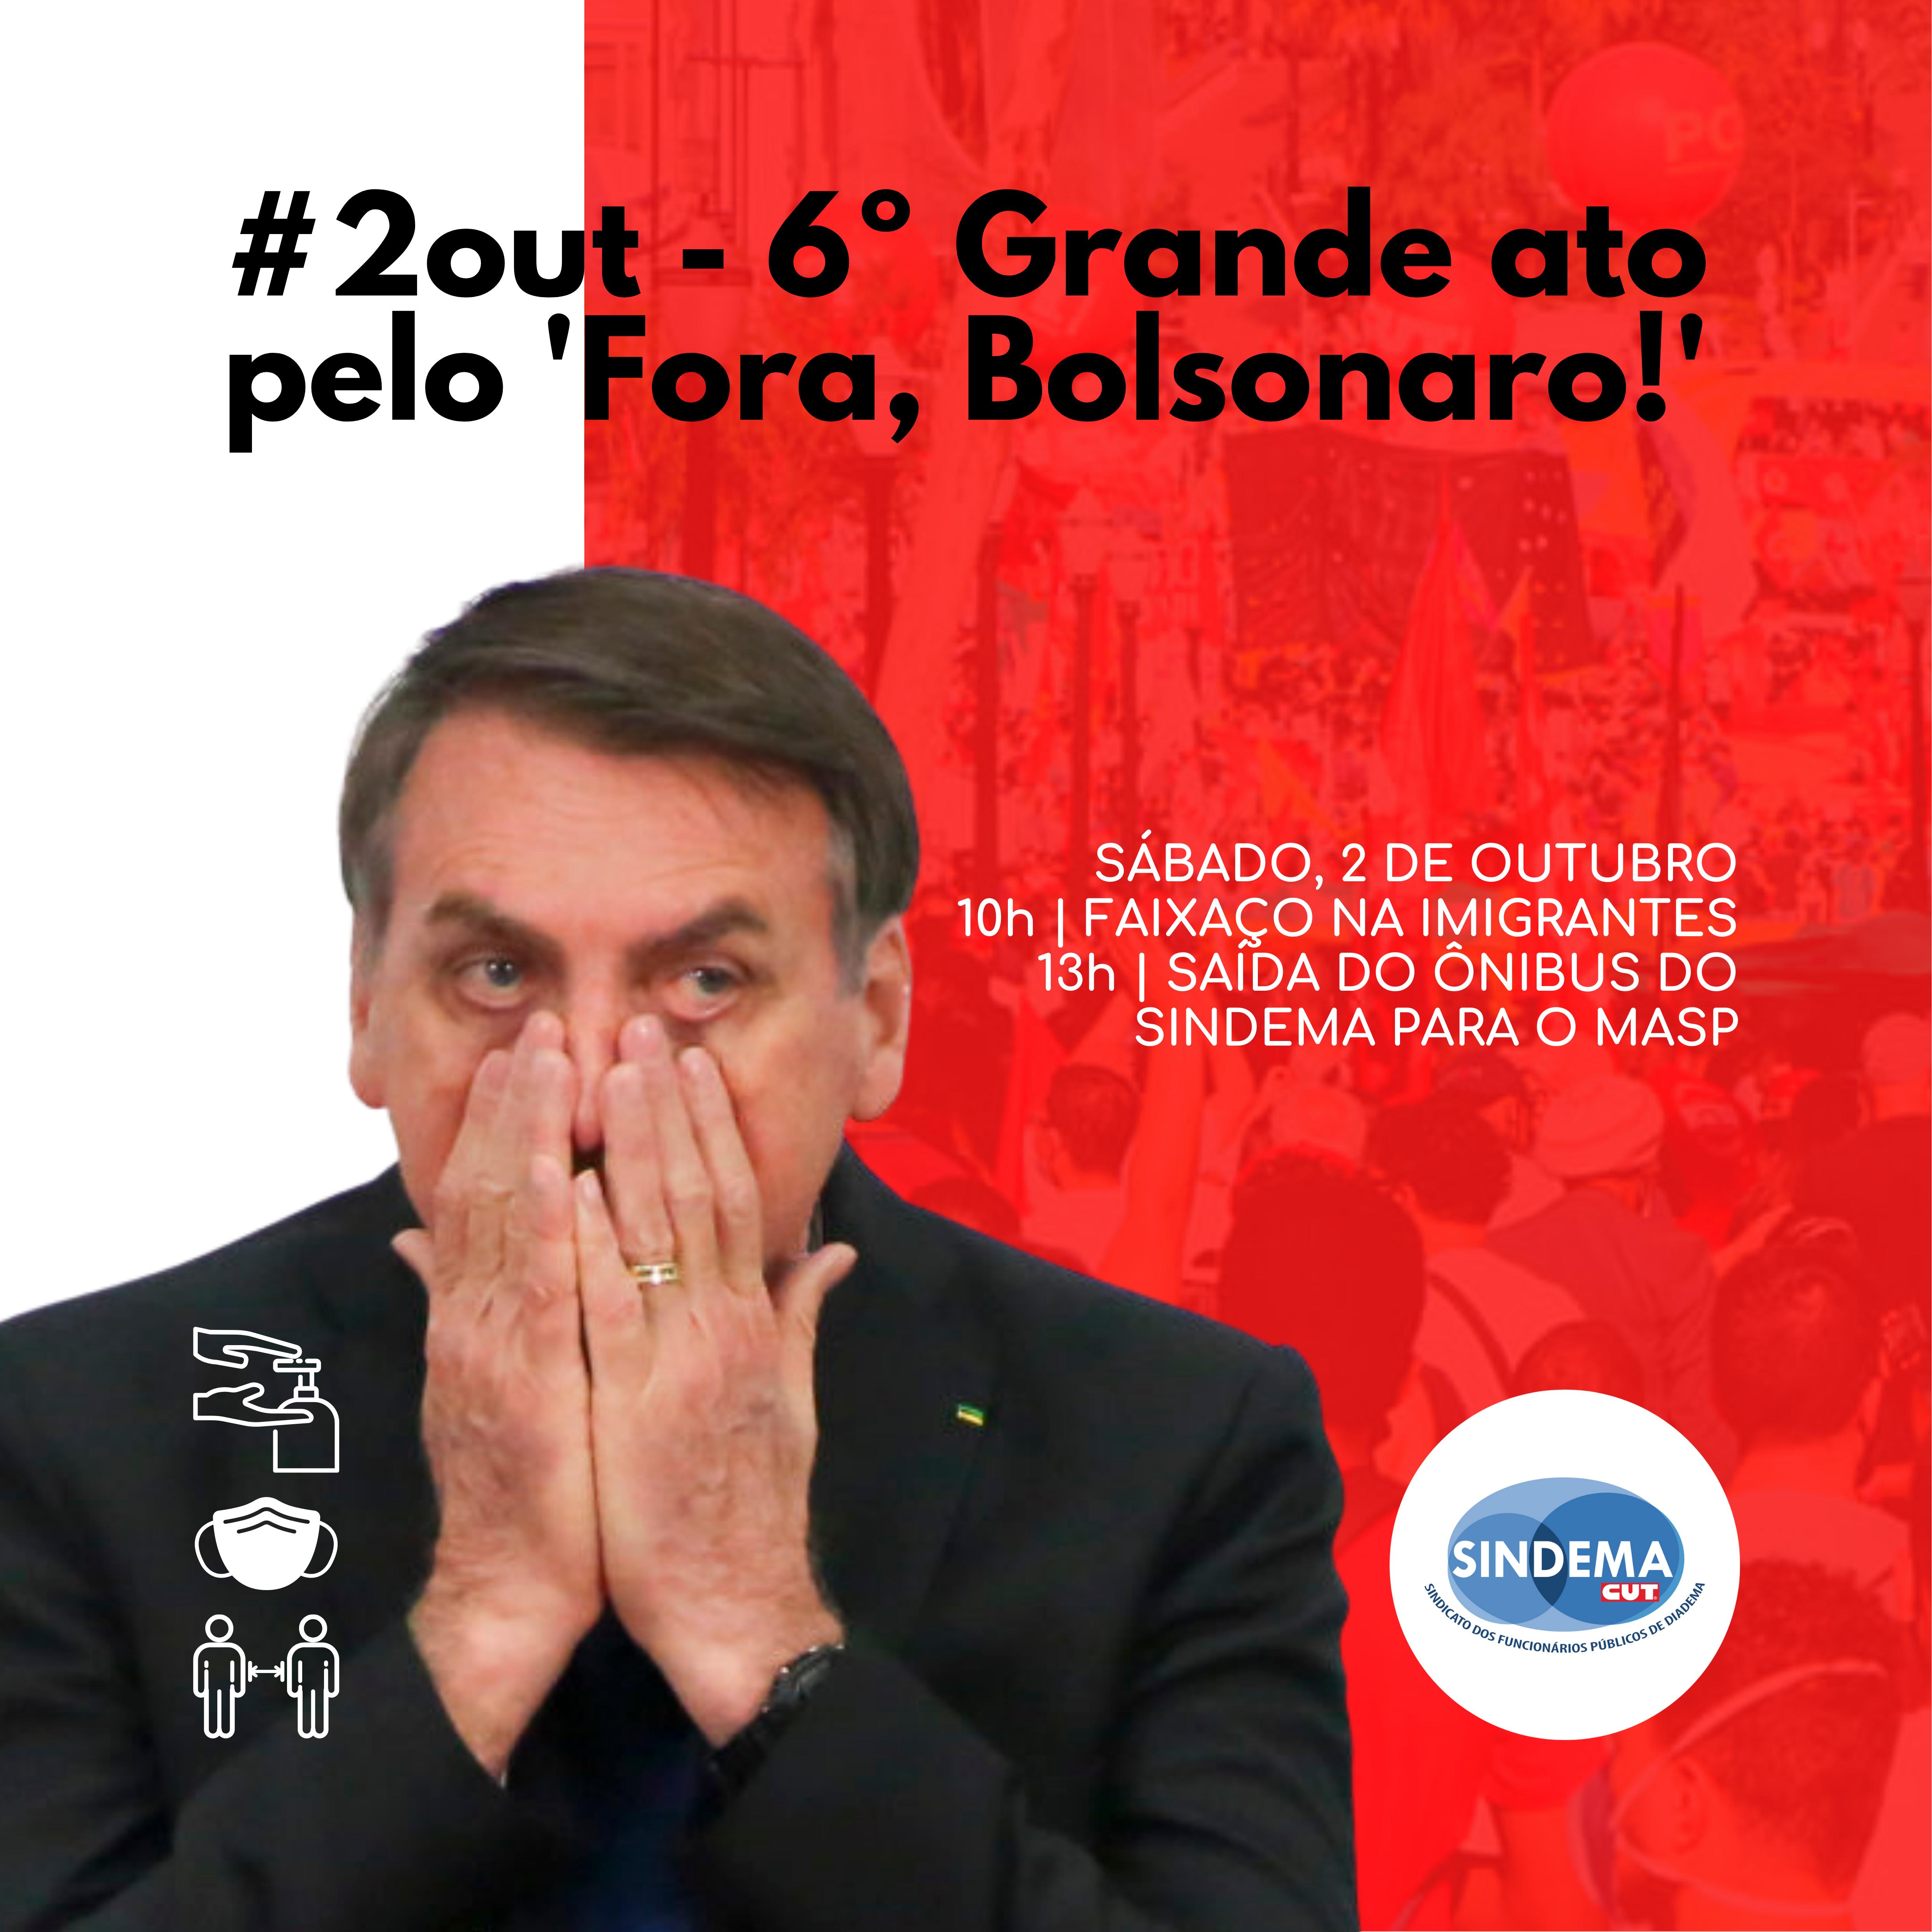 6º Grande ato pelo 'Fora, Bolsnaro'.